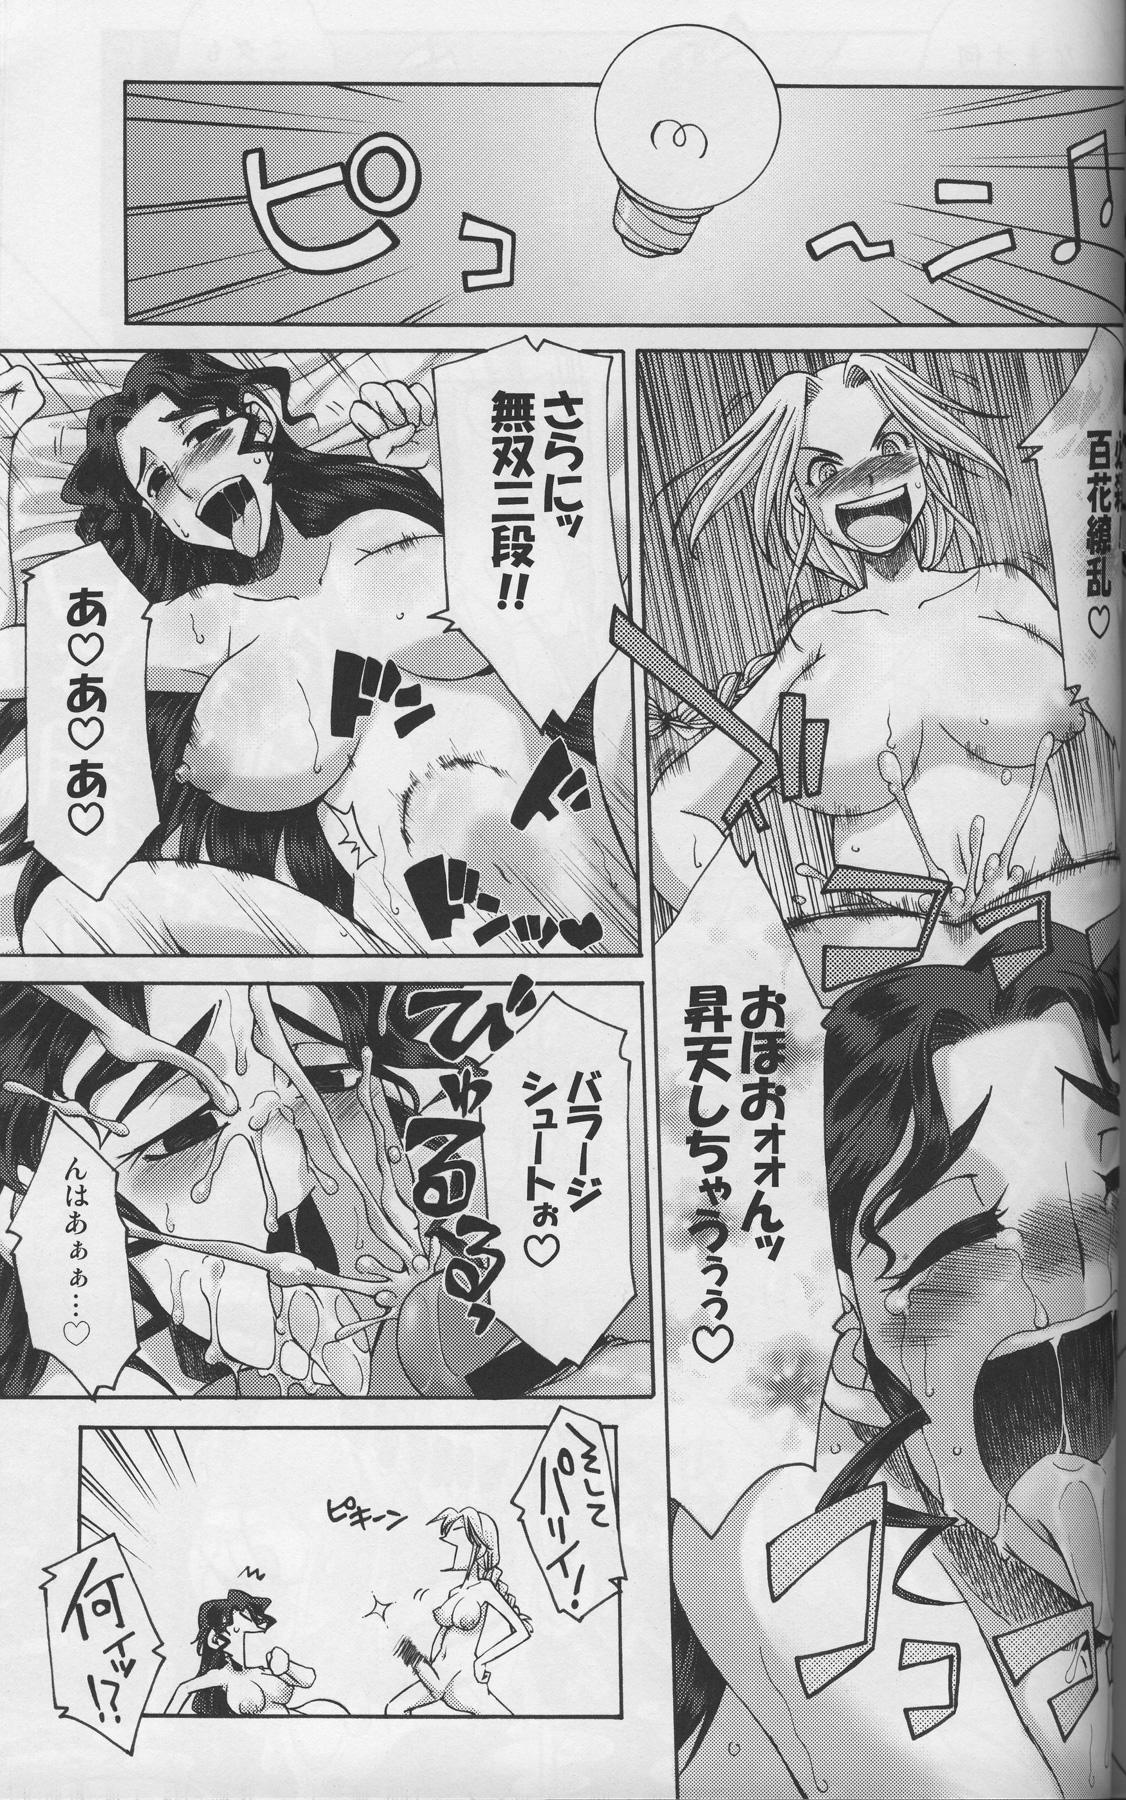 Komakasugite Tsutawaranai Ero Doujin Senshuken Haru no Nijikan SPECIAL 63